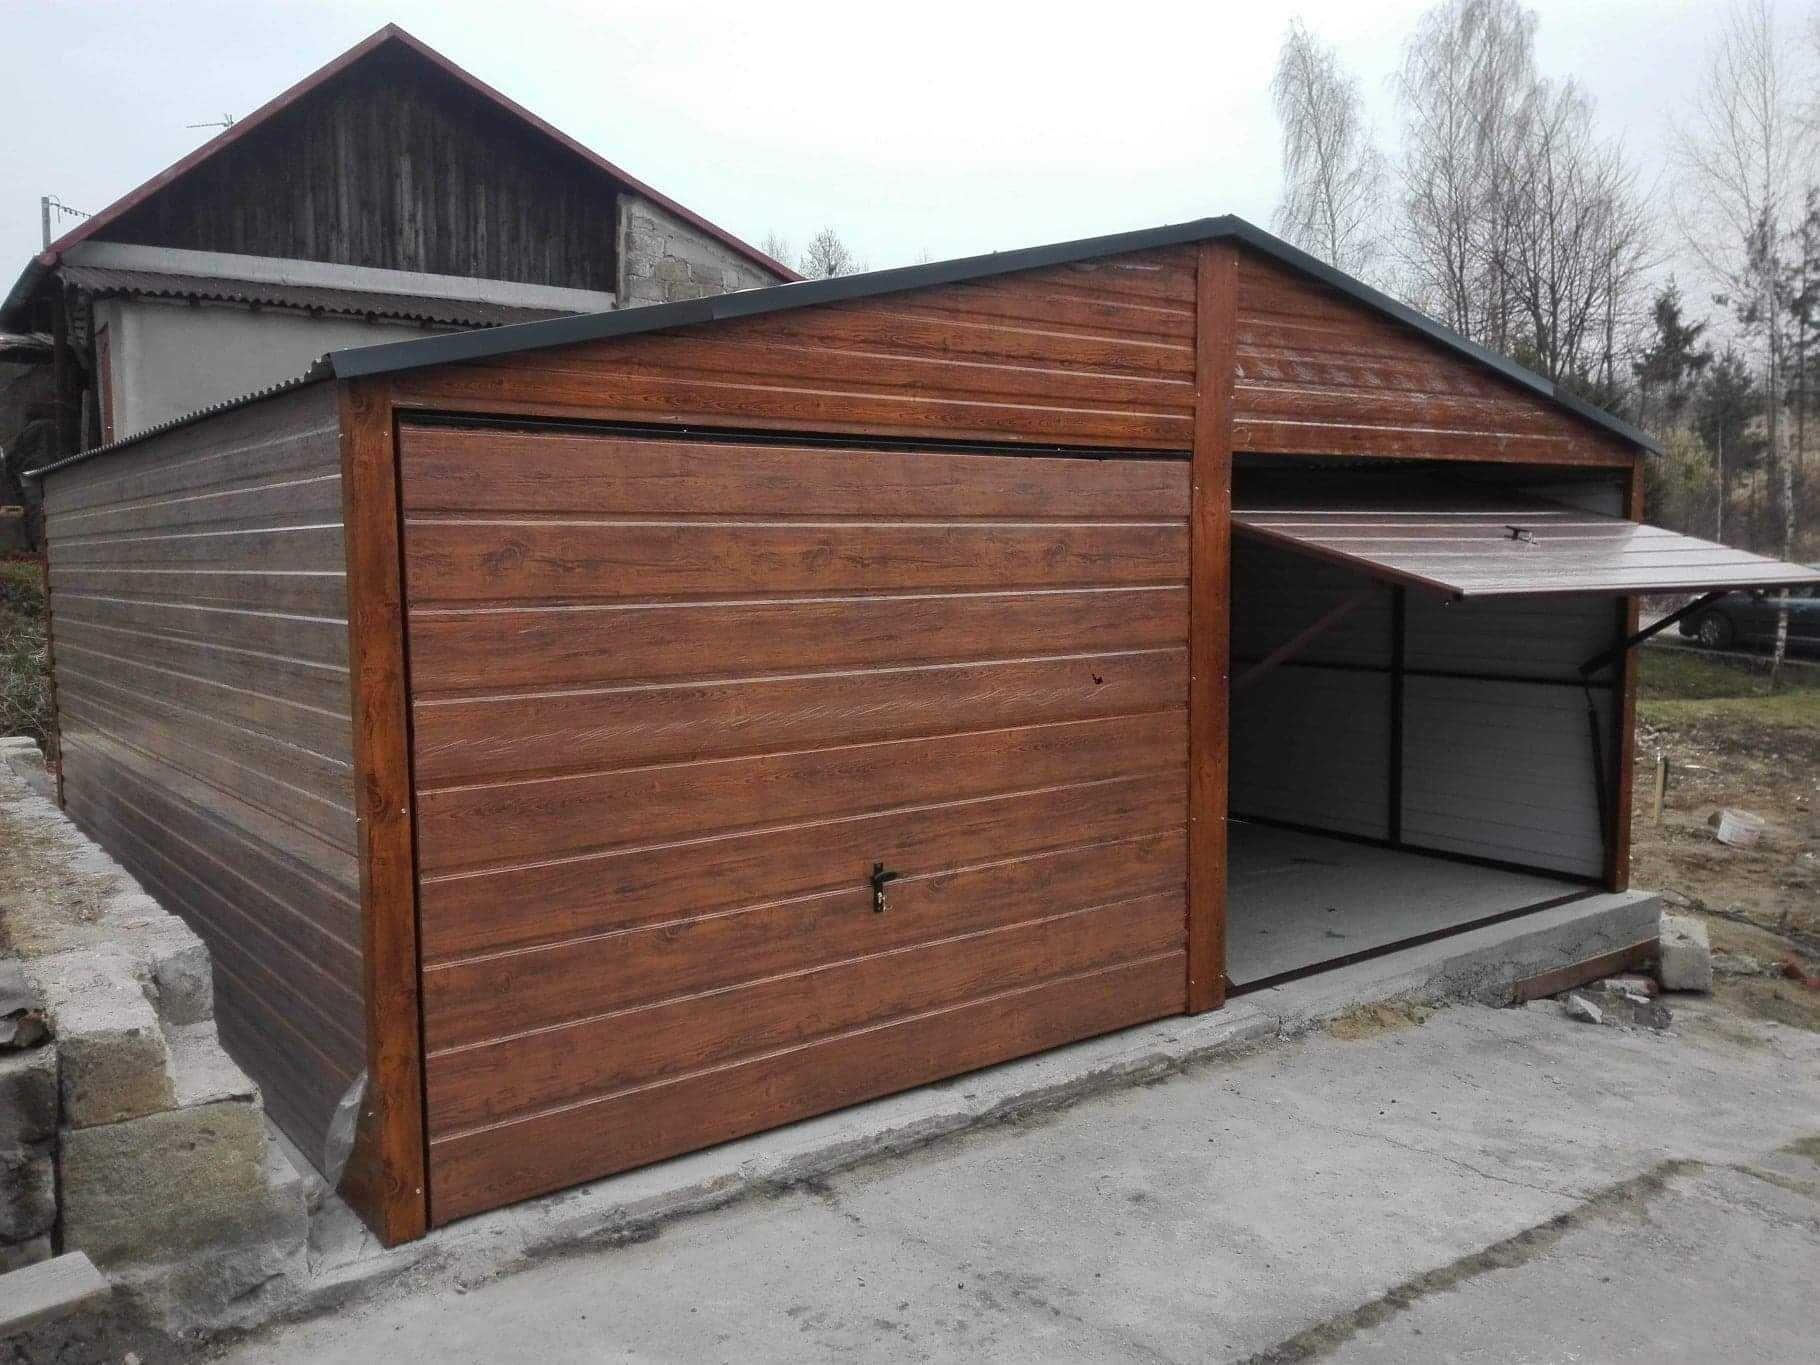 Garaż drewnopodobny 6x5, dach dwuspadowy,garaże blaszane 6x6, 5x6, 7x6